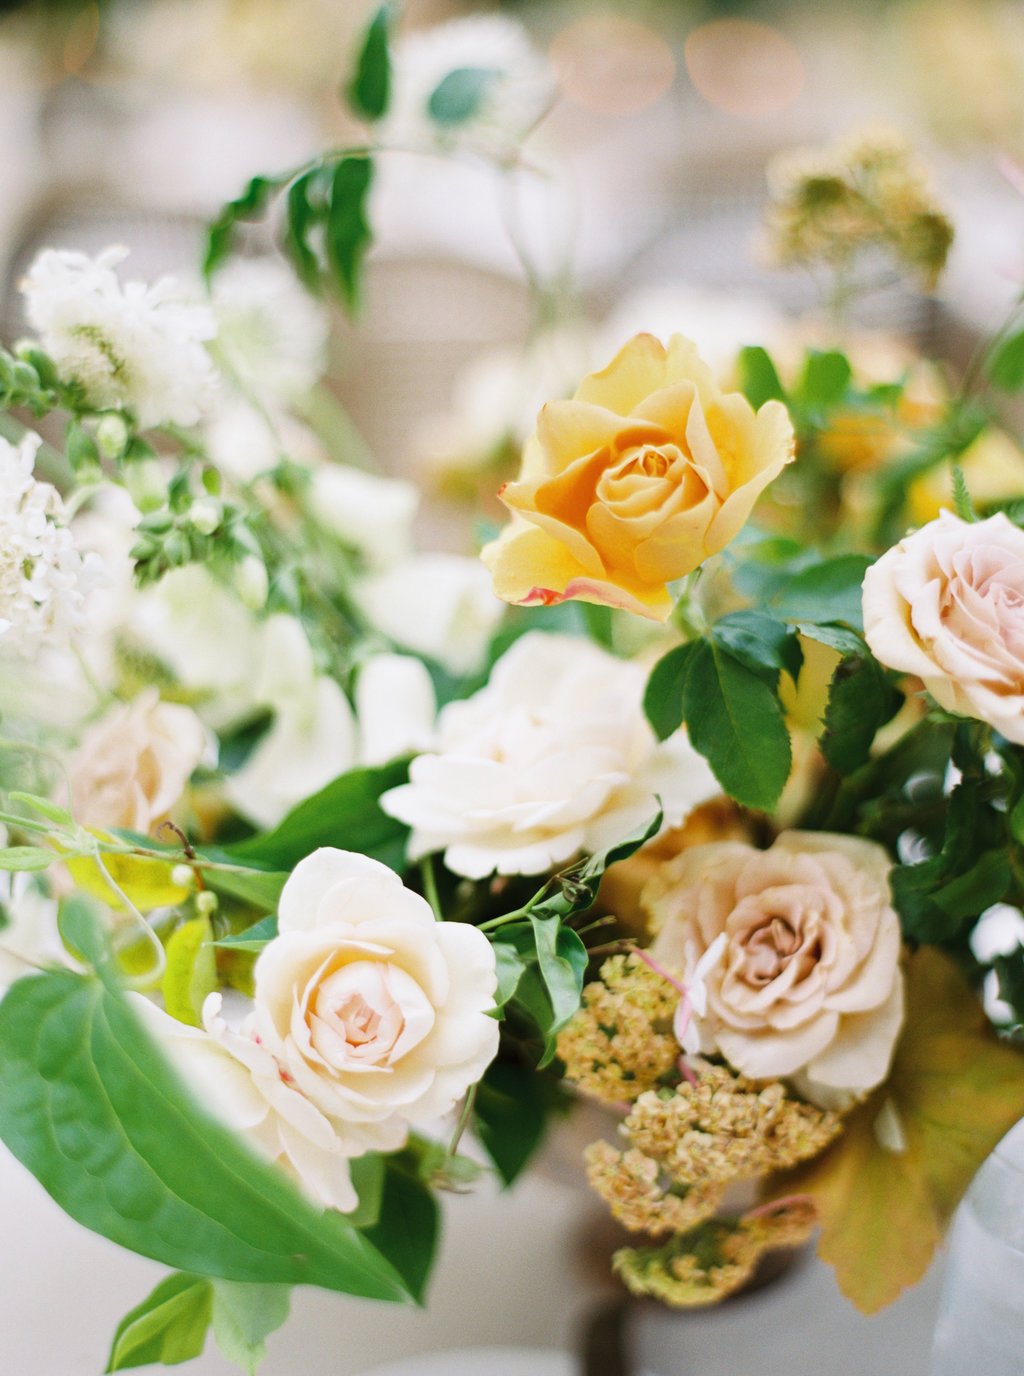 Wedding in Hotel Bel Air, Los Angeles